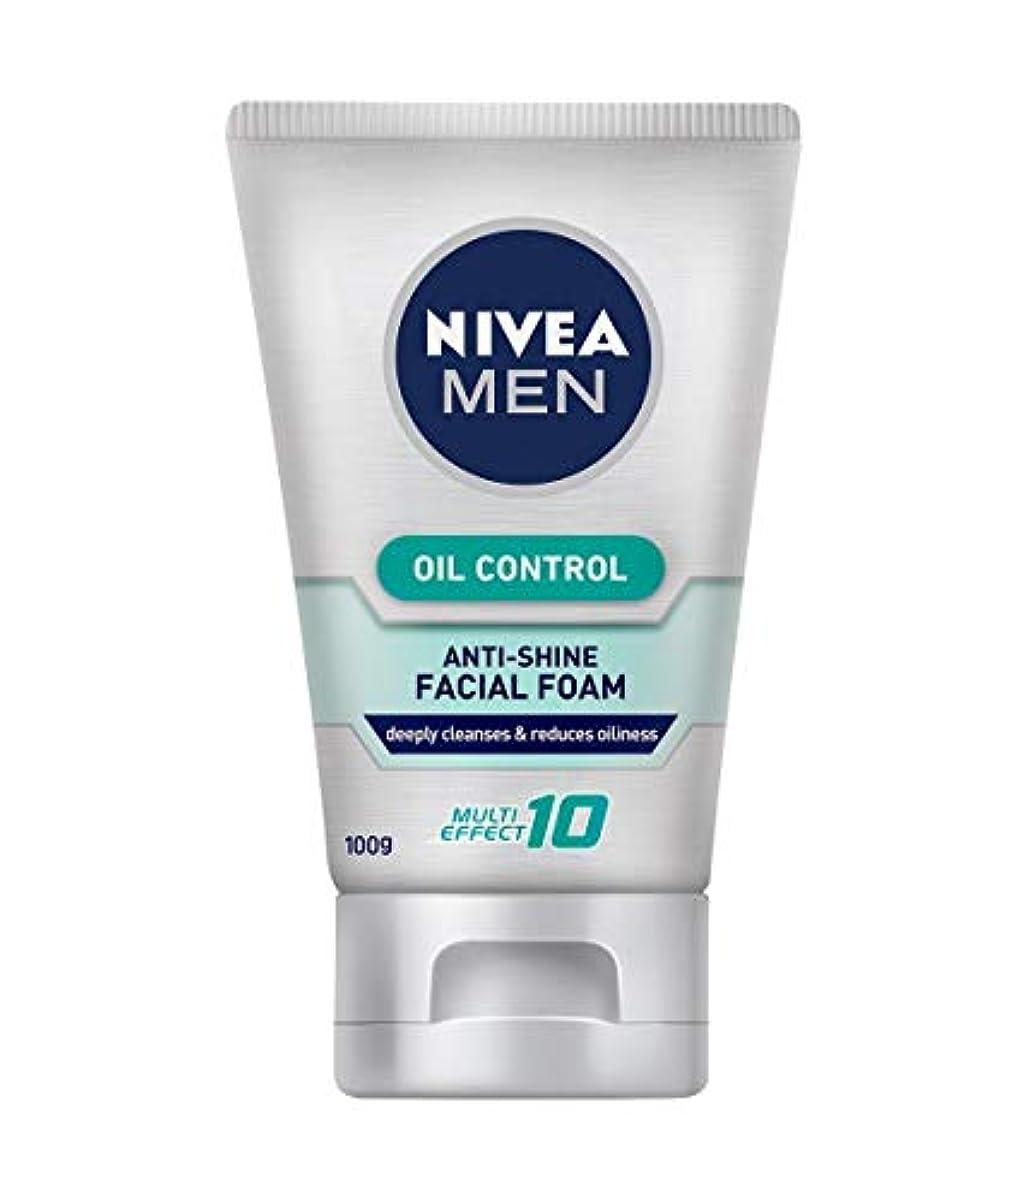 パステル常にジャンクNivea For Men オイルコントロールクレンザー百グラム、にきびの問題を軽減しながら、炎症を和らげます。